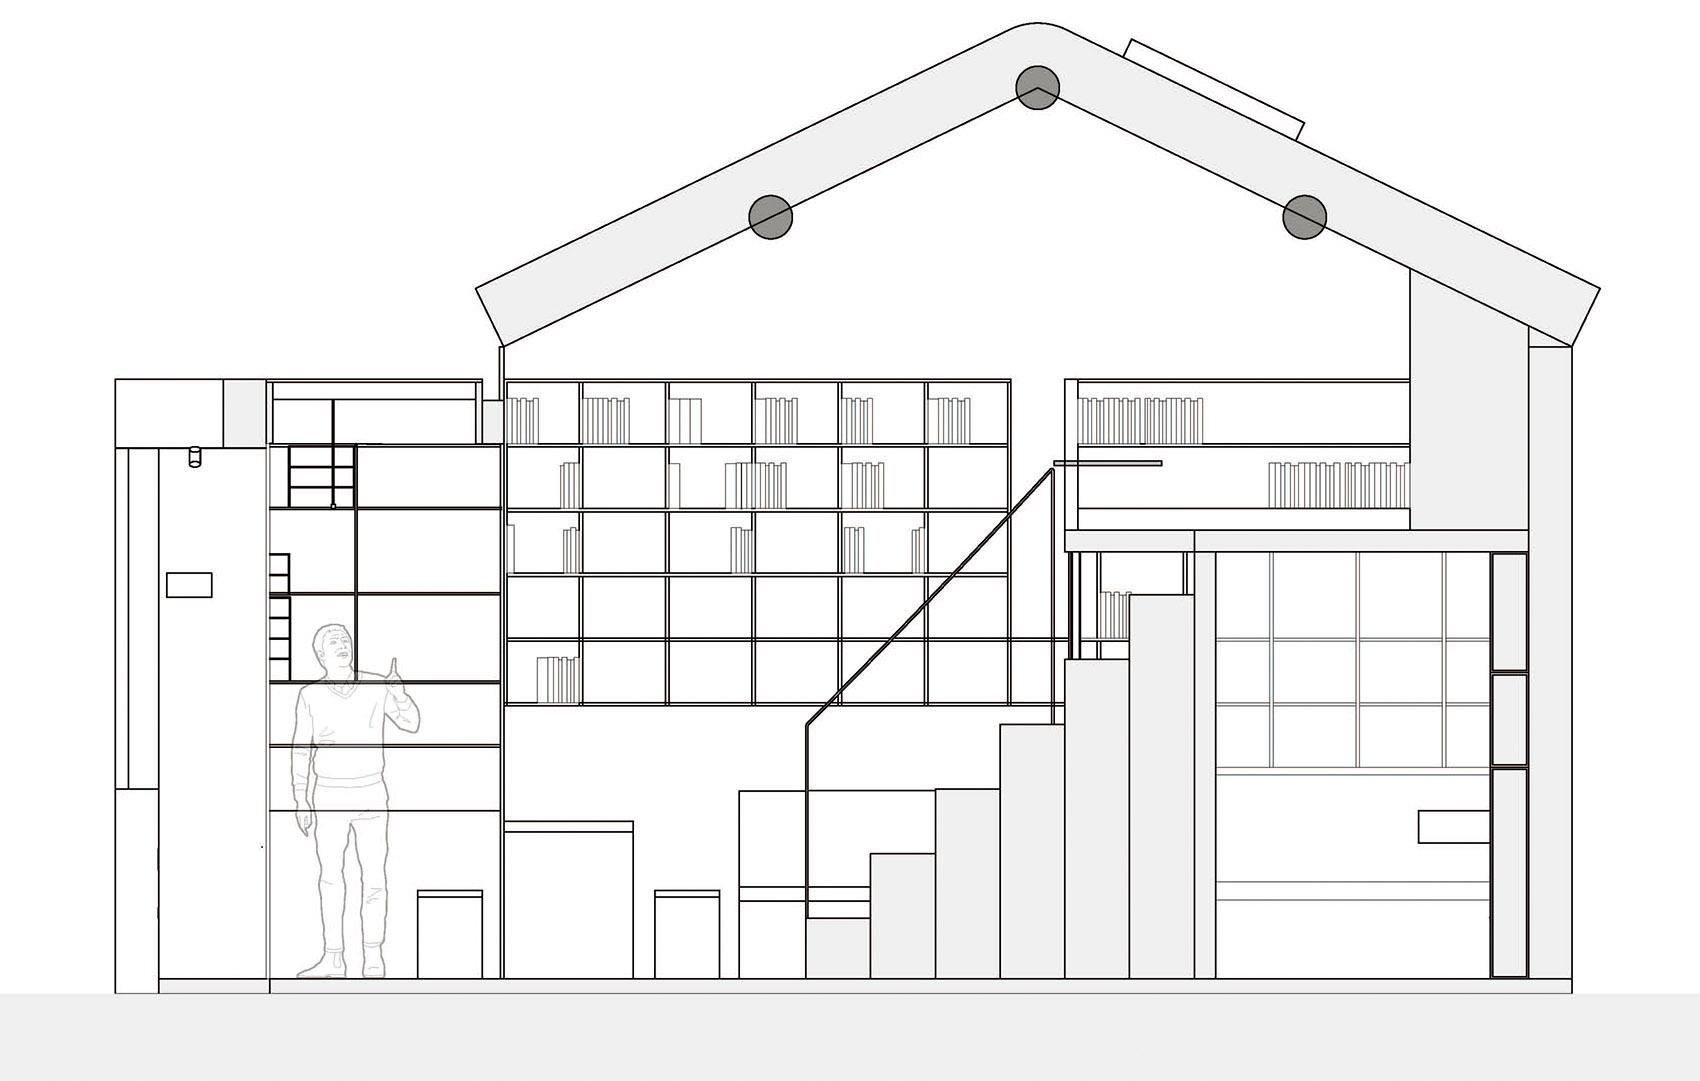 19-12sqm-dwelling-renovation-1